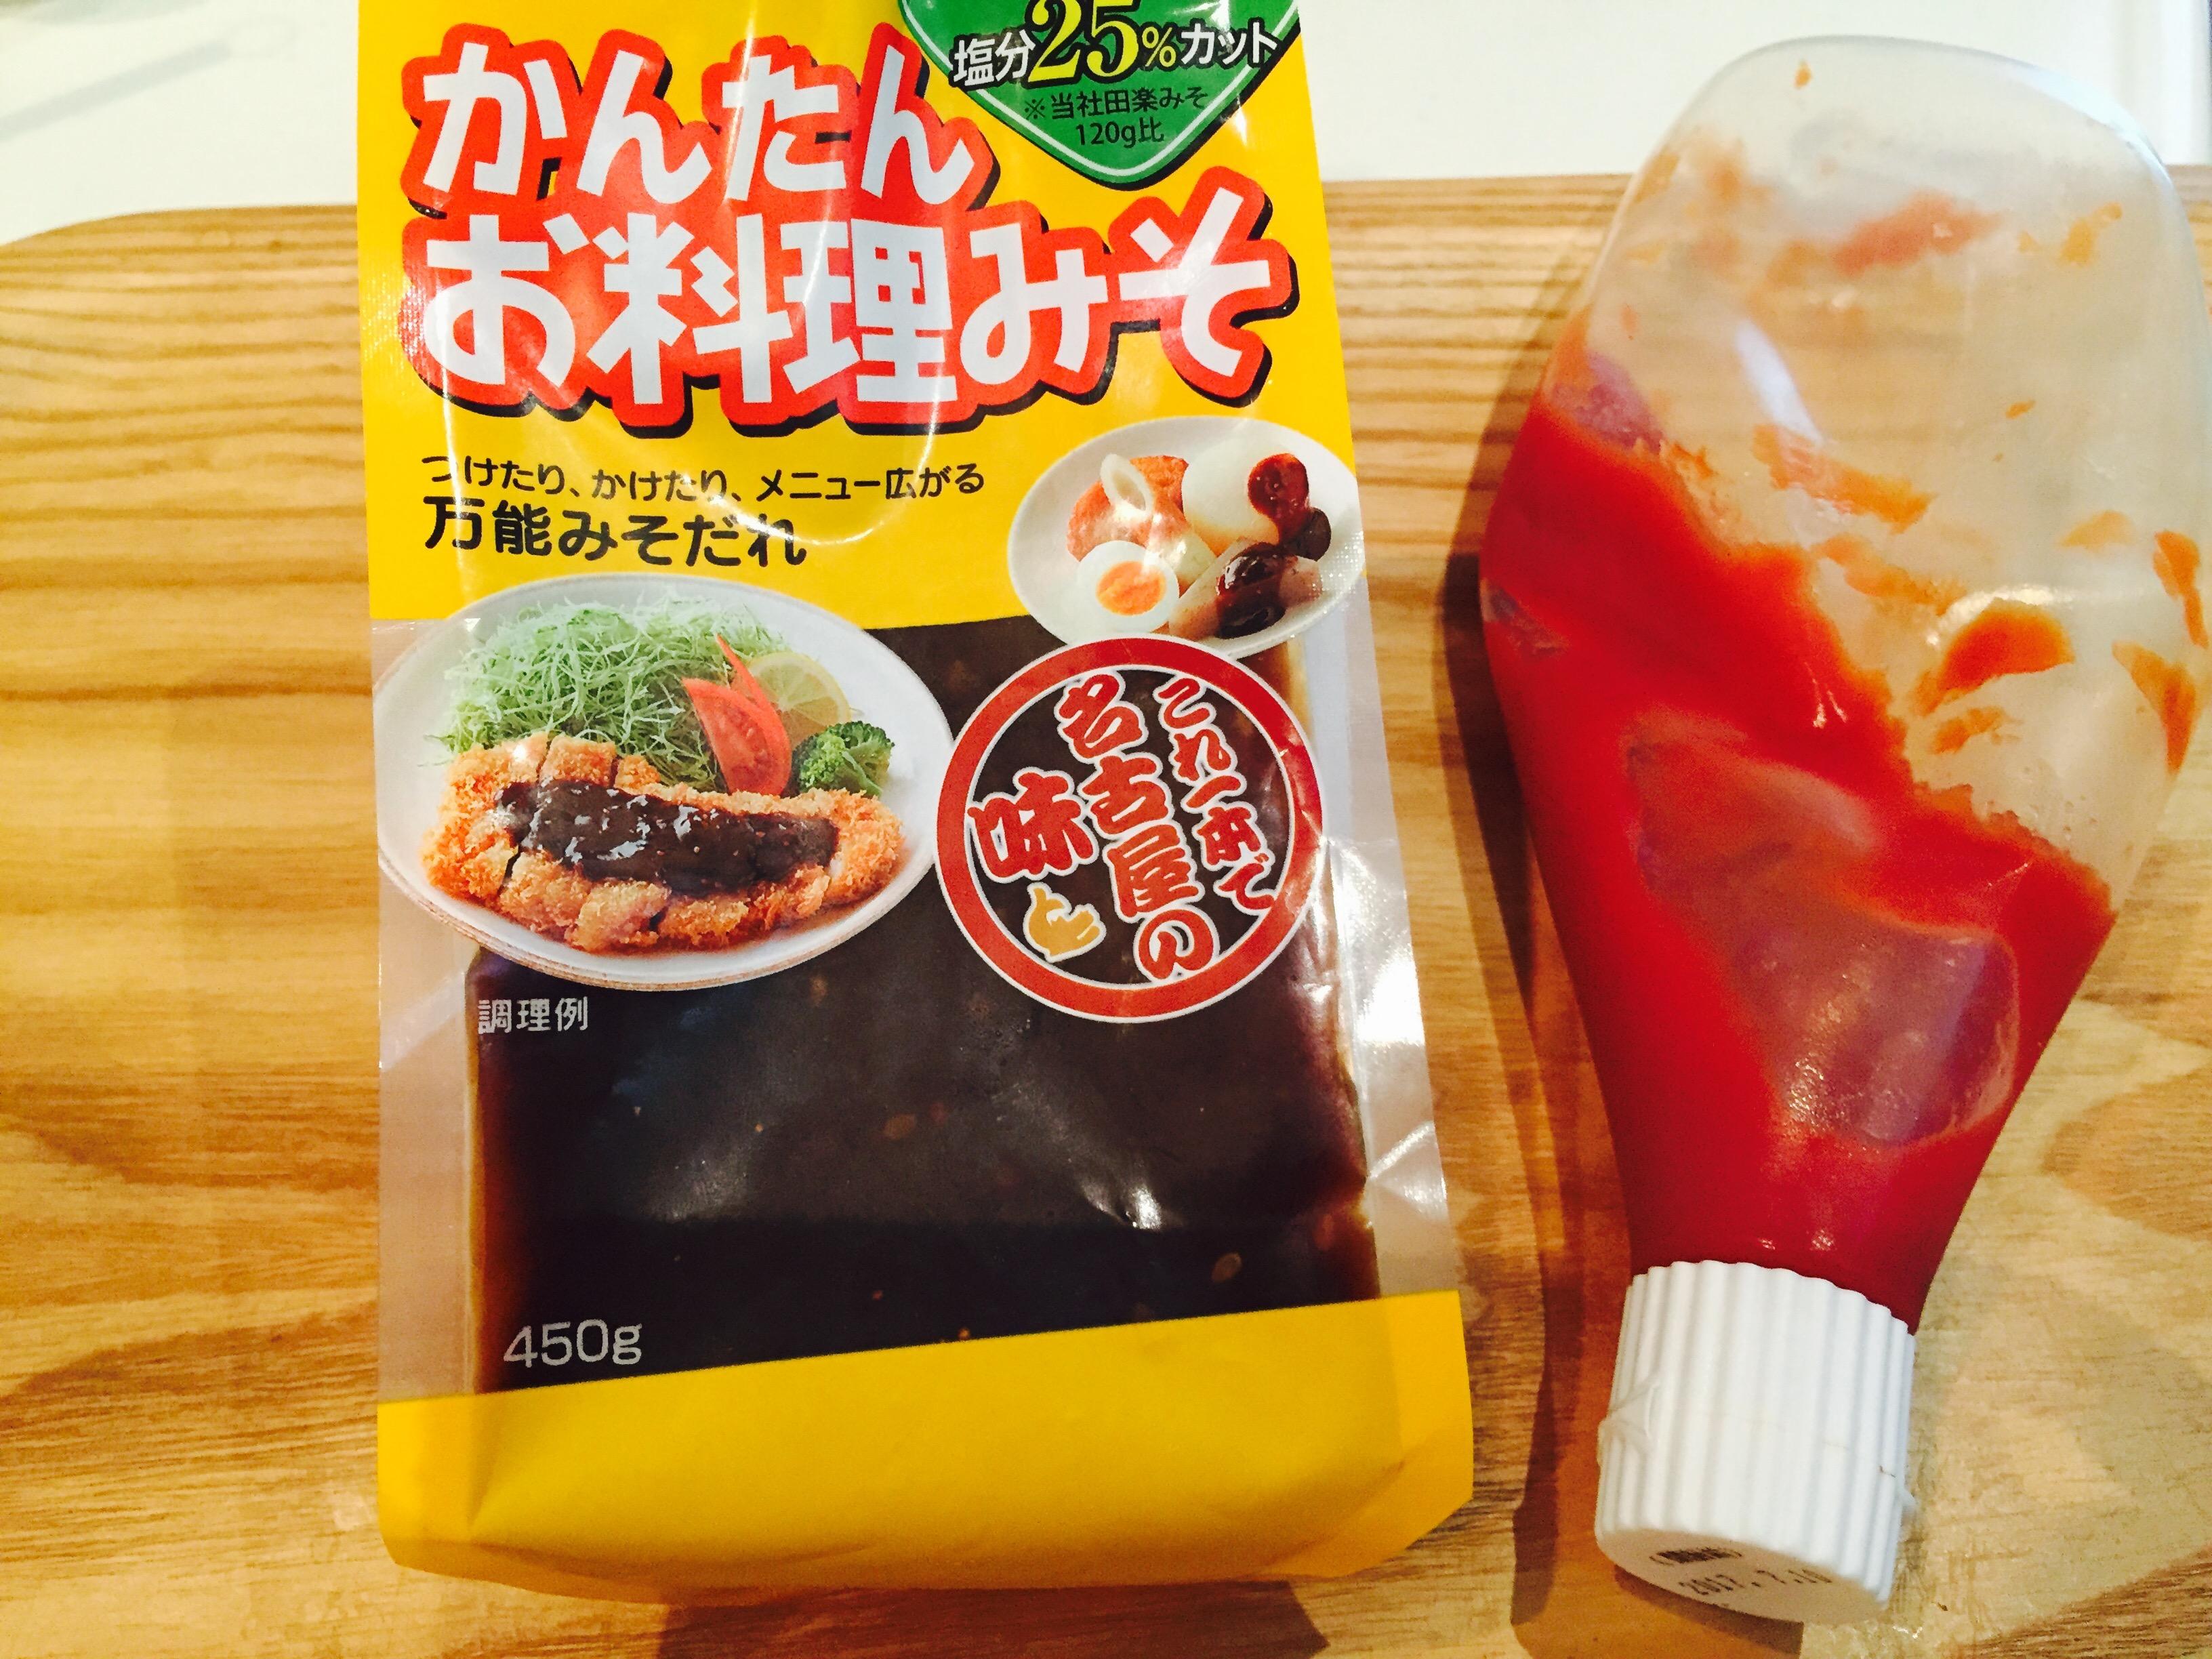 お料理味噌とケチャップ